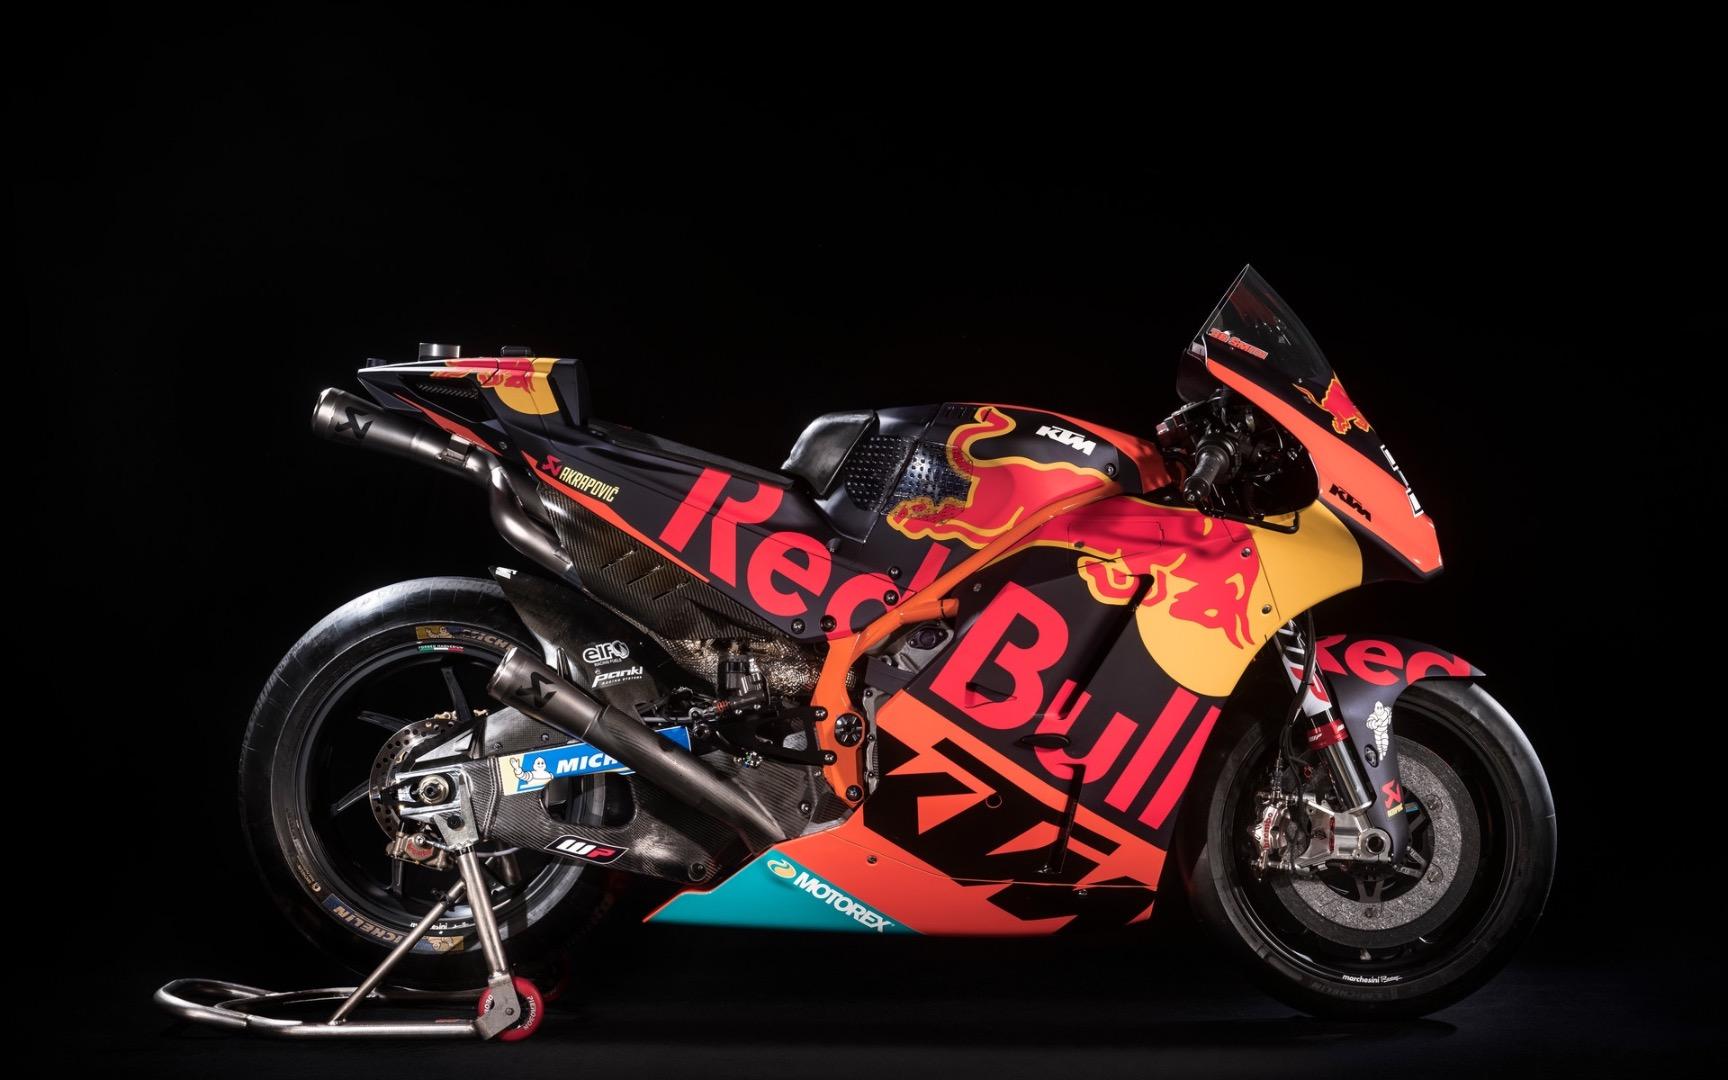 KTM te vende dos unidades de su MotoGP, la KTM RC16